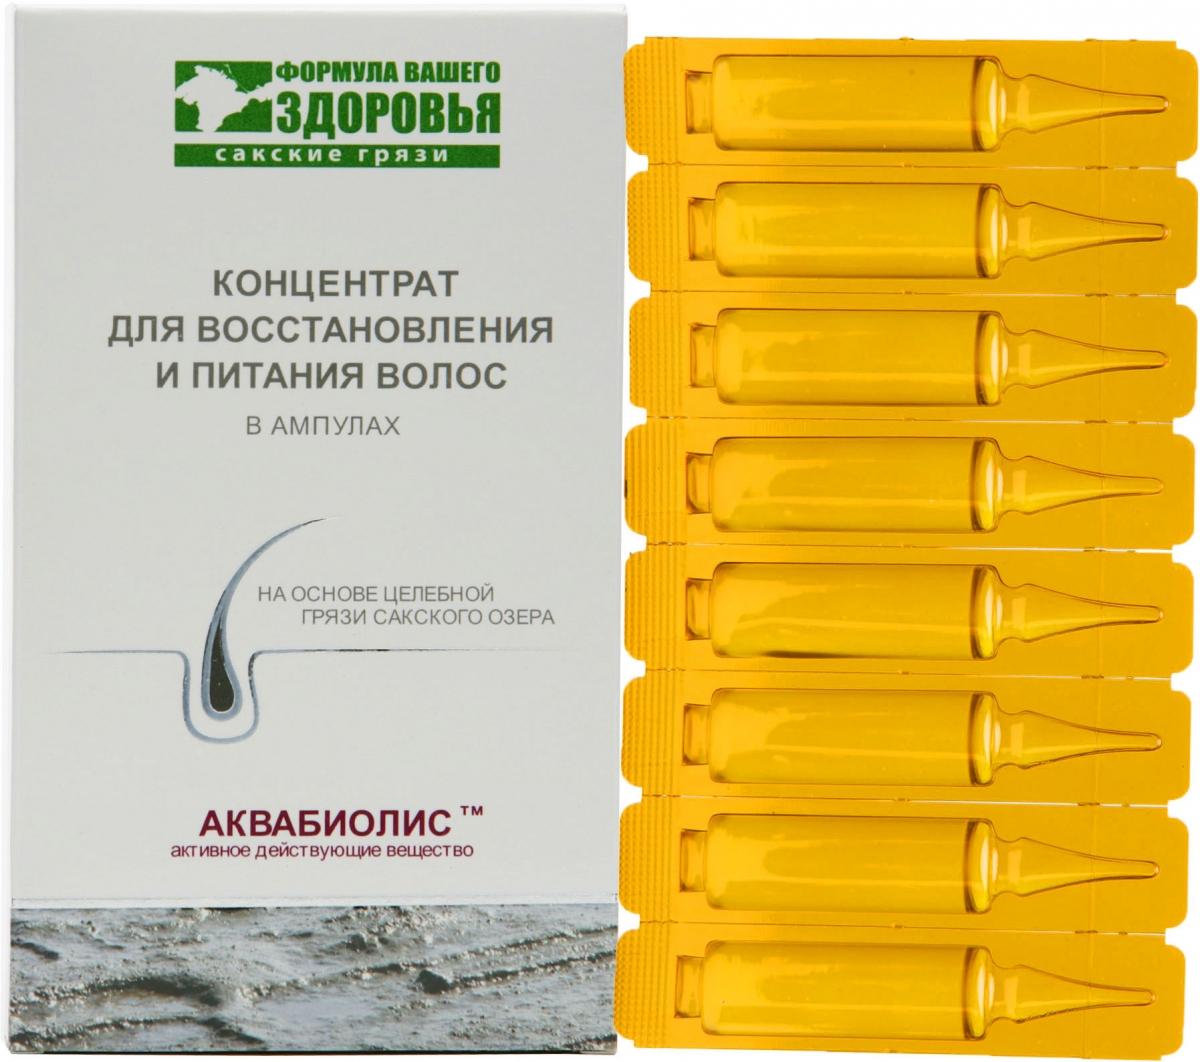 Натуральный концентрат для восстановления и питания волос Формула вашего здоровья на основе целебной грязи Сакского озера, 40 млФЗКВ001Концентрат для восстановления и питания волос в ампулах содержит в составе активное действующее вещество АКВАБИОЛИС – вытяжка из лечебной грязи Сакского озера. Благодаря АКВАБИОЛИСУ замедляется процесс старения фолликулов, предотвращая выпадение волос. Усиливает микроциркуляцию крови в волосяных фолликулах, стимулируя рост волос, обеспечивает интенсивное увлажнение и питание кожи головы, придает волосам силу и блеск. АКВАБИОЛИС в комплексе с растительными компонентами насыщает кислородом волосяные фолликулы и укрепляют волокна волос, способствуя им быть более здоровыми, блестящими, густыми.Изготовлено в соответствии с ГОСТ 31679-2012Соответствует требованиям безопасности ТР ТС 009/2011 «О безопасности парфюмерно-косметической продукции»